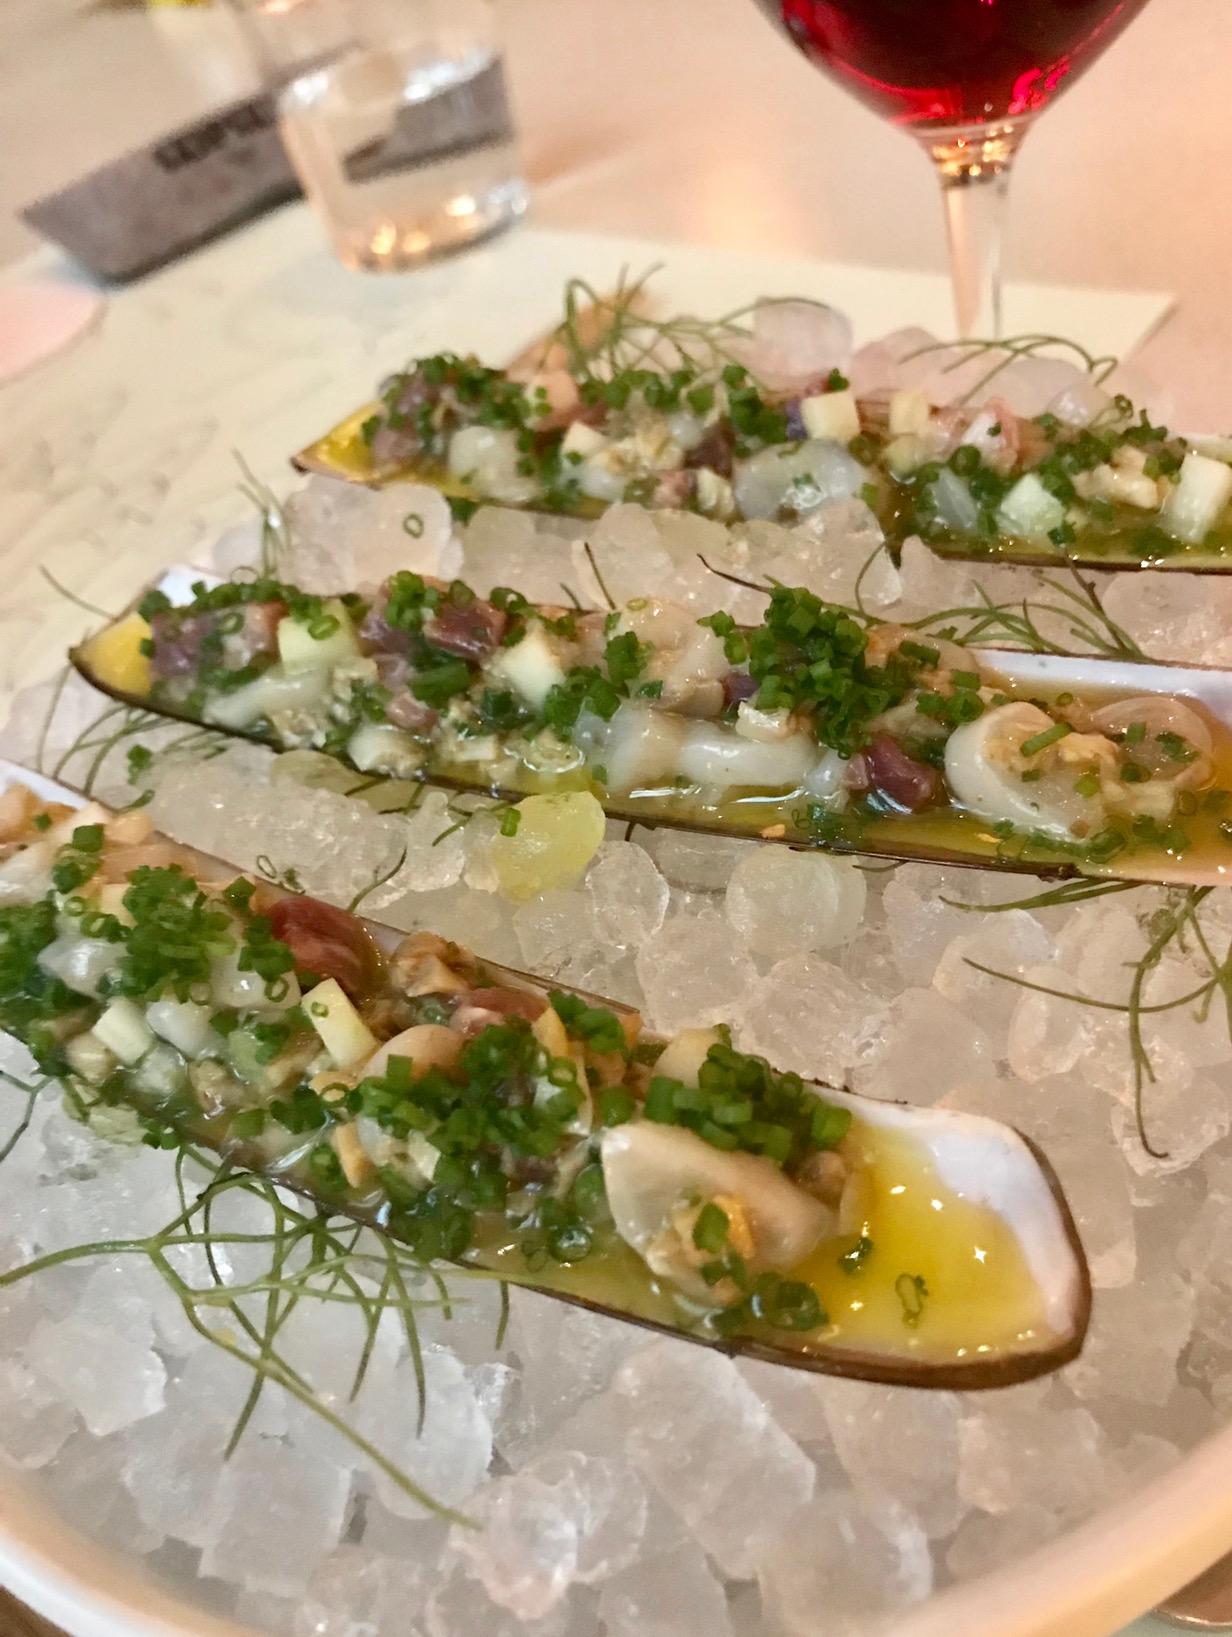 Lemony and bright razor clams at Scampi.